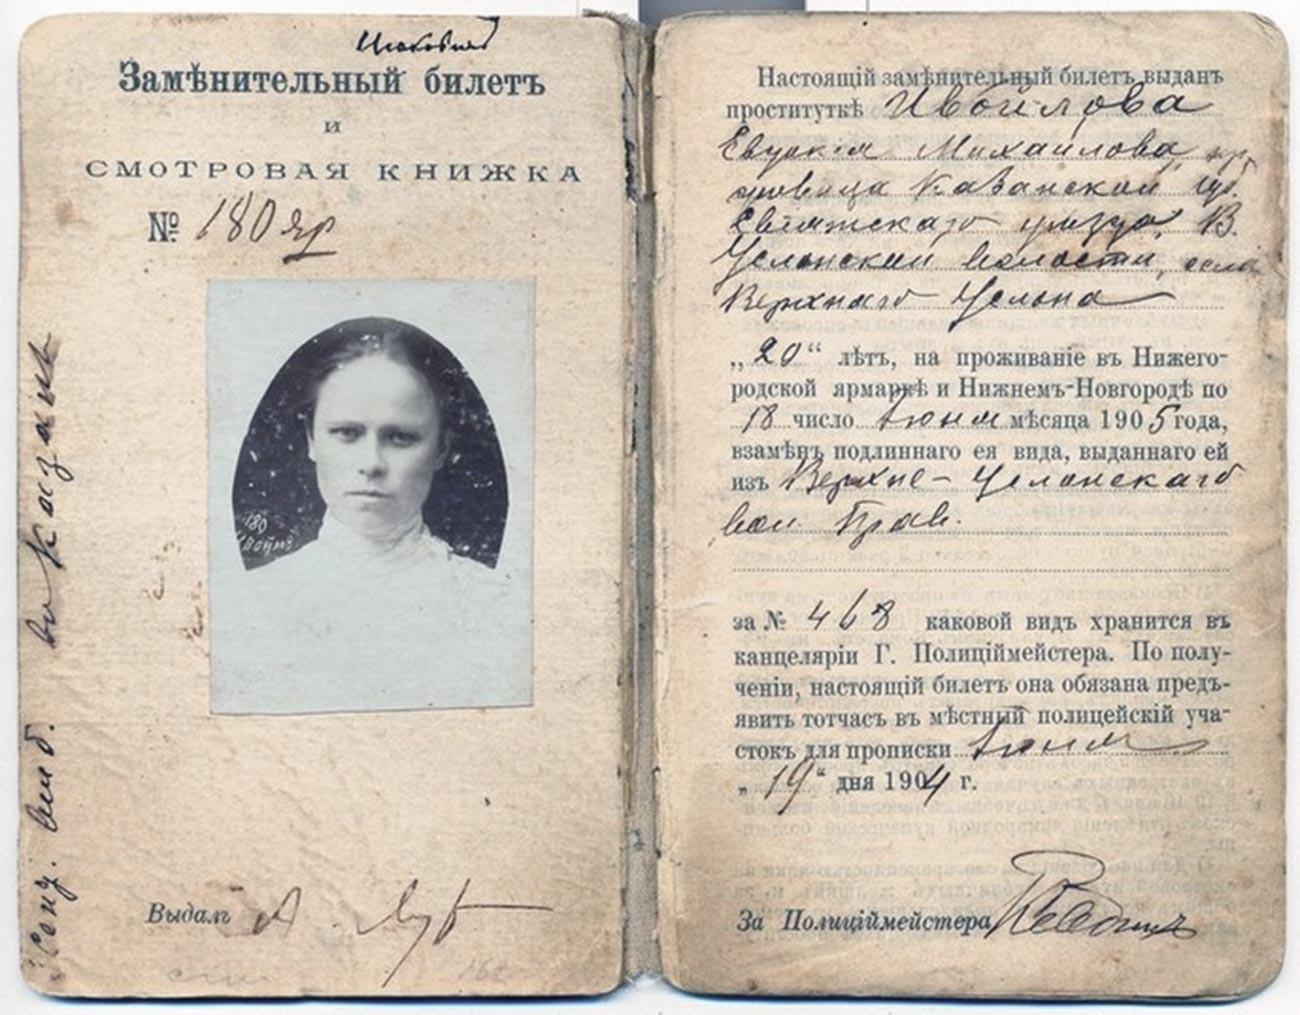 """Um """"bilhete substituto"""" de uma profissional do sexo do século 20."""